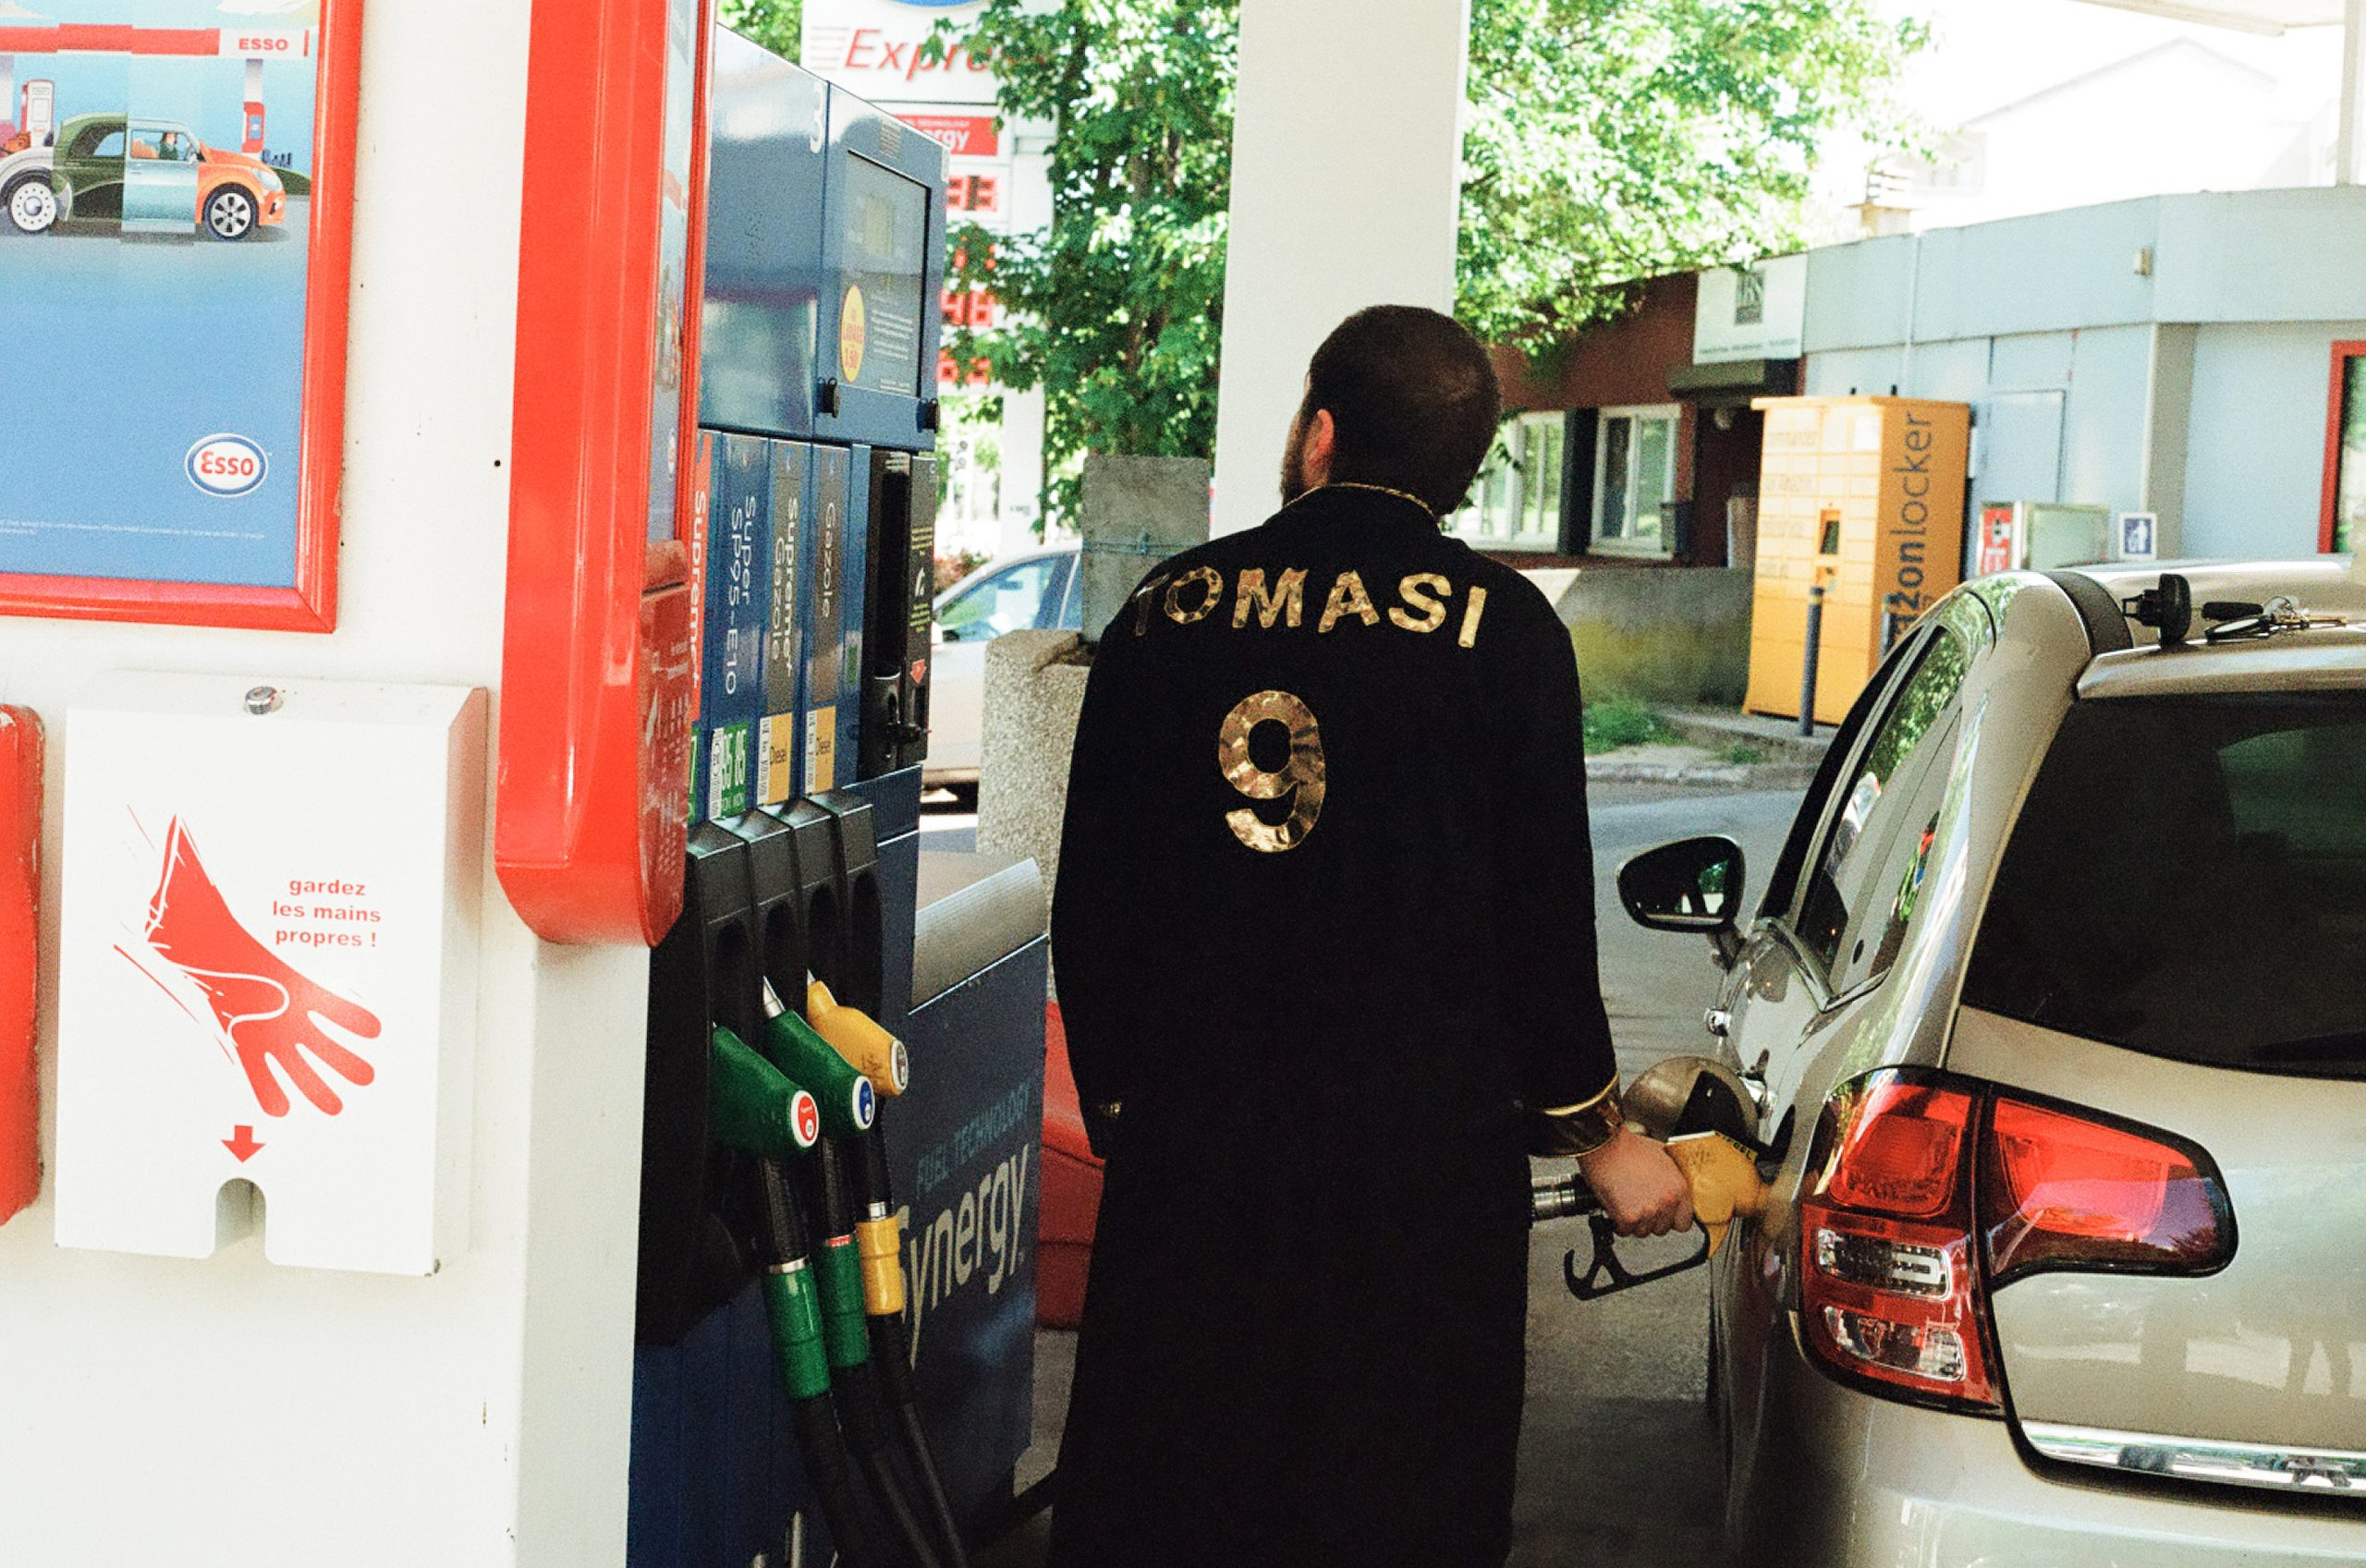 TOMASI – SOMNAMBULE